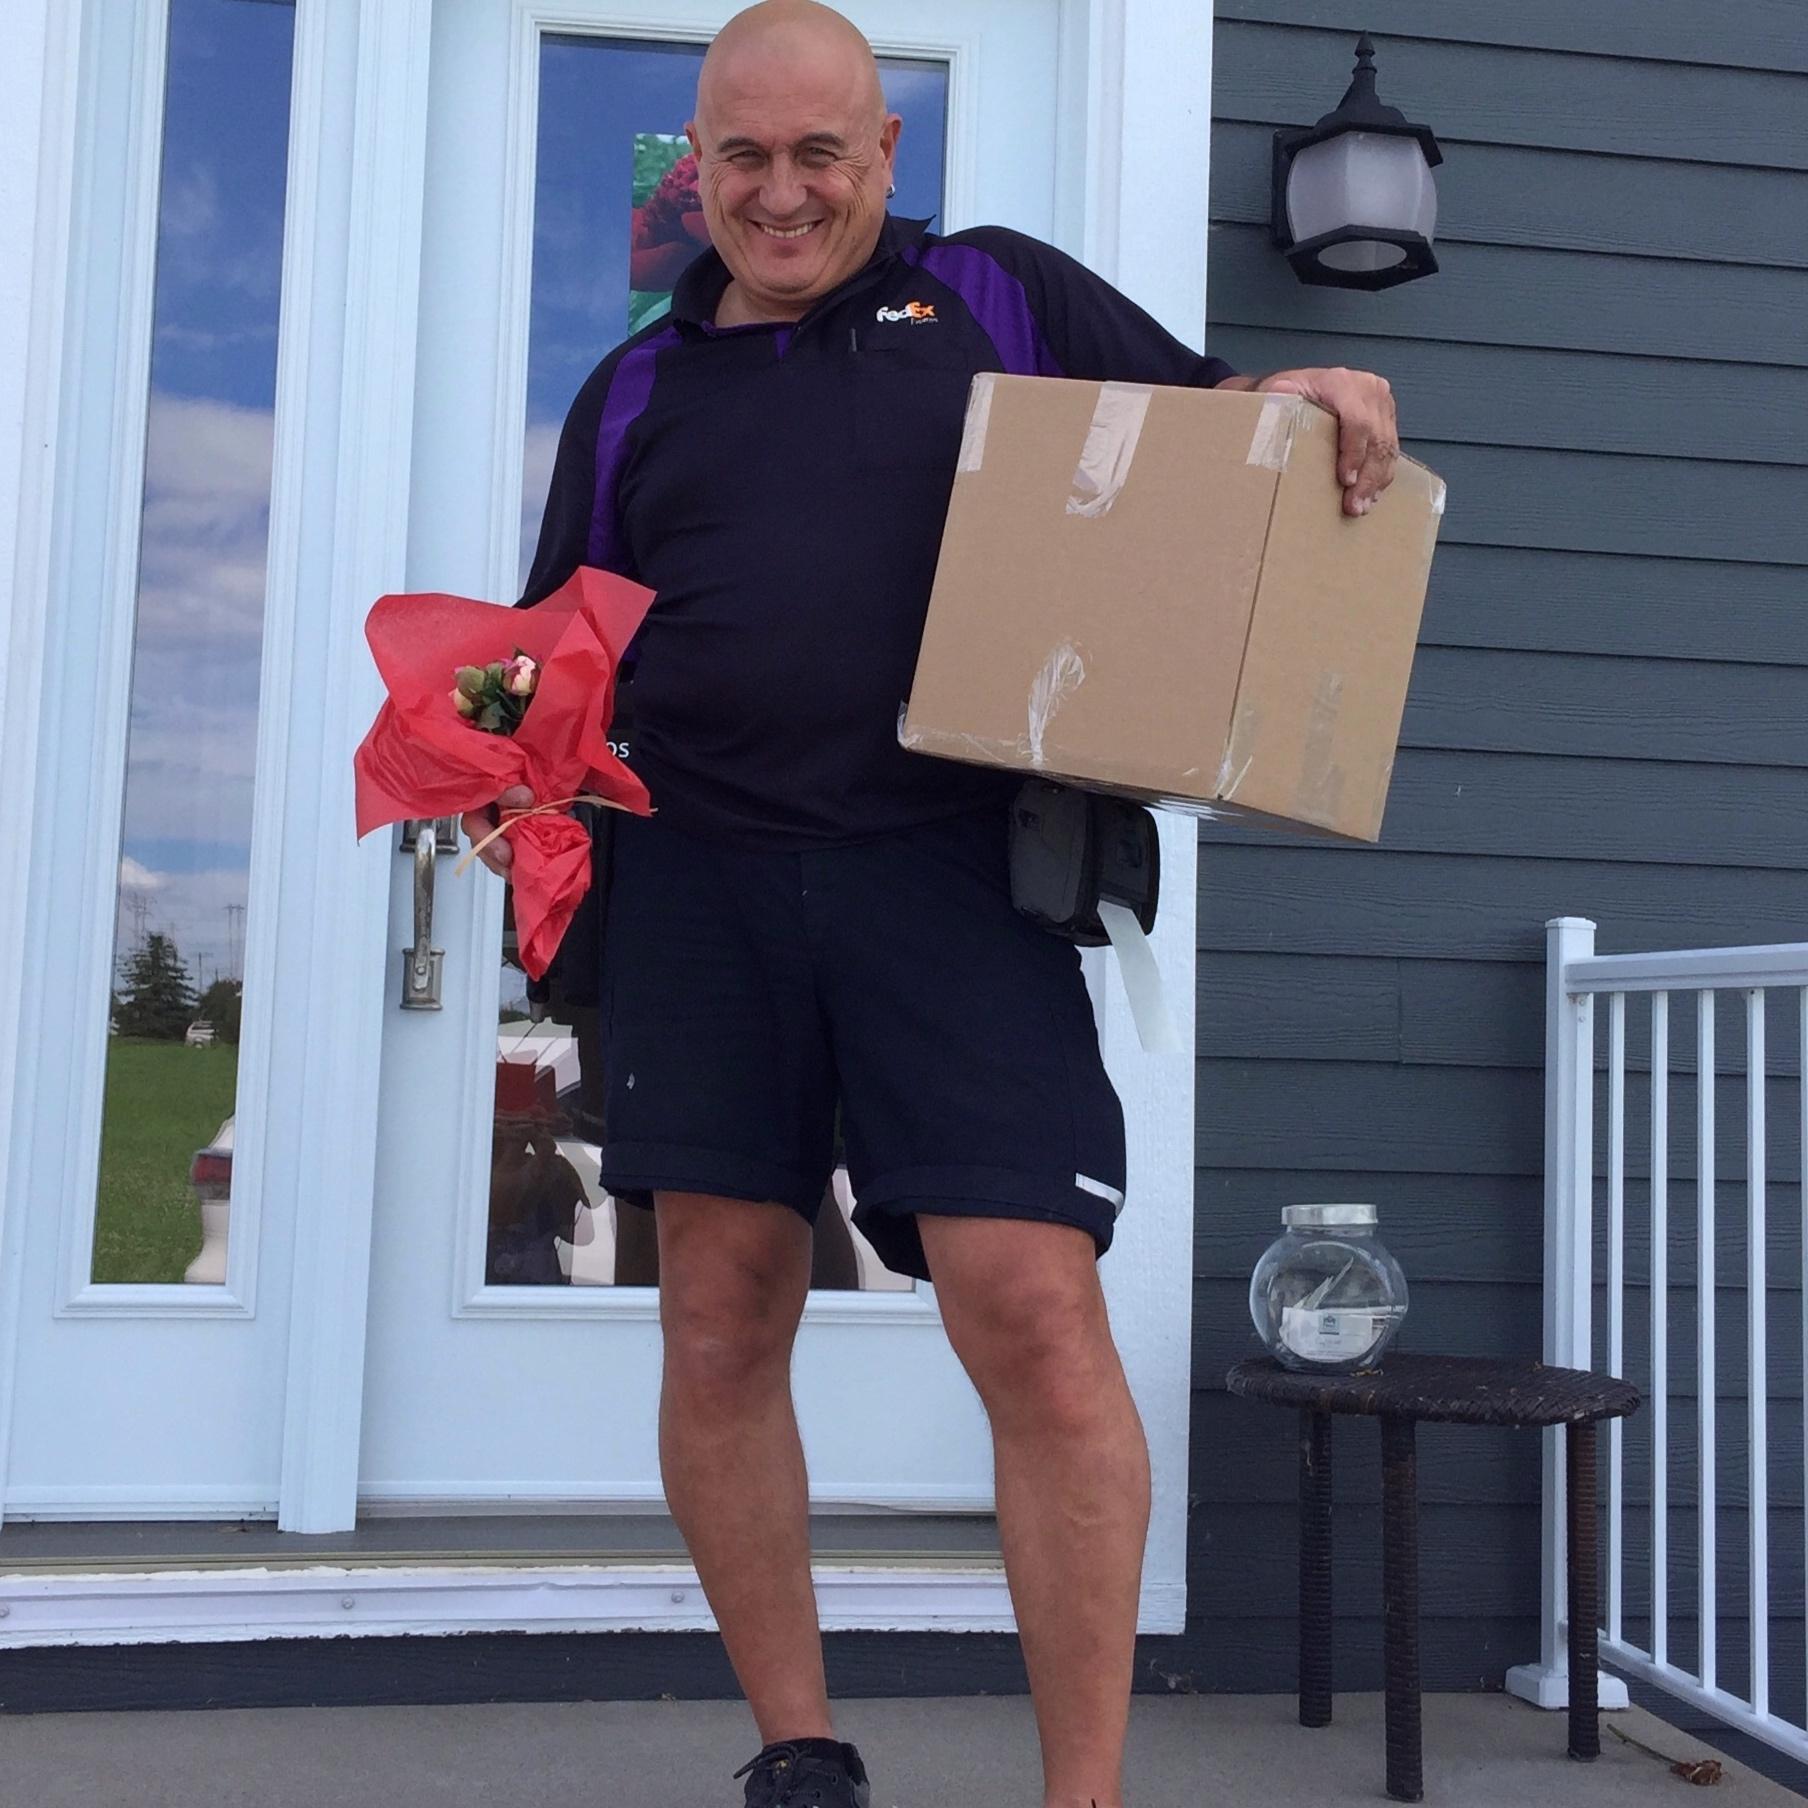 Mr Fedex qui repart avec son petit bouquet - Bien mérité car il vient chercher mes fleurs sur sa dernière collecte de l'après-midi afin qu'elles ne trainent pas dans le camion trop longtemps à la chaleur. C'est du service!